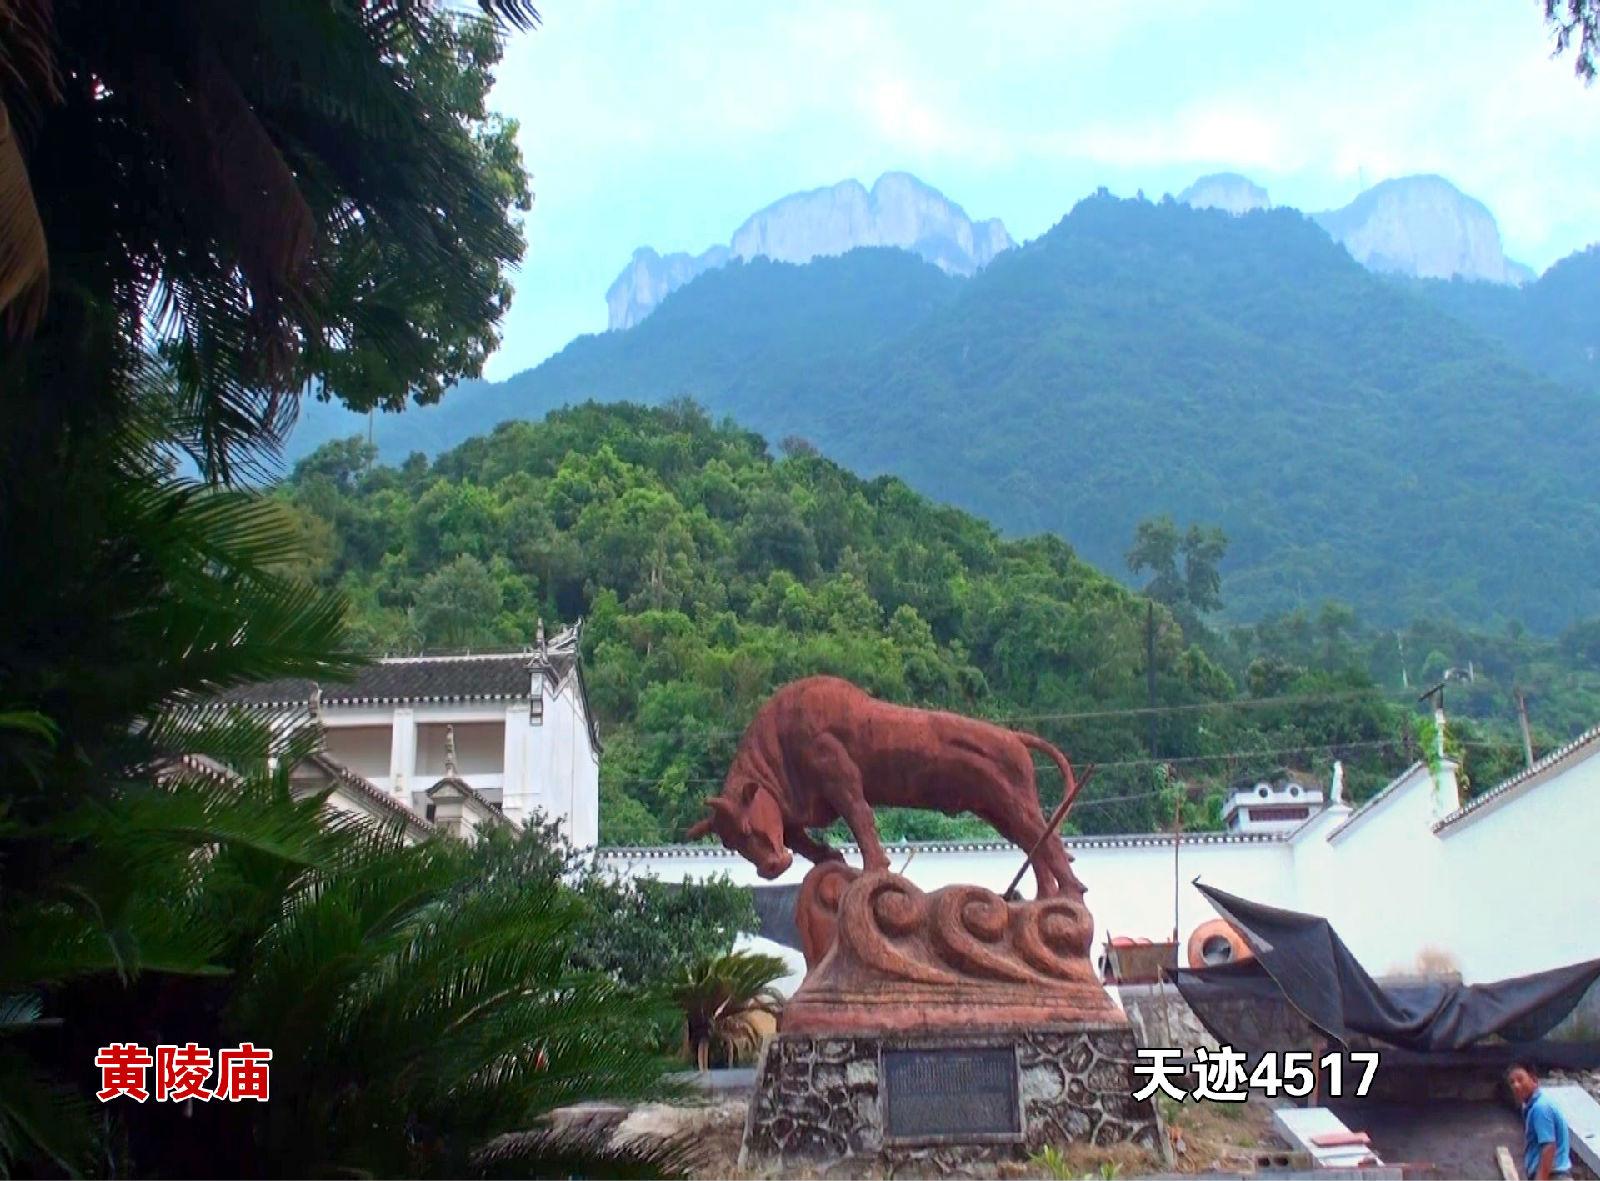 宜昌:三峡大坝,三峡人家龙进溪,黄陵庙